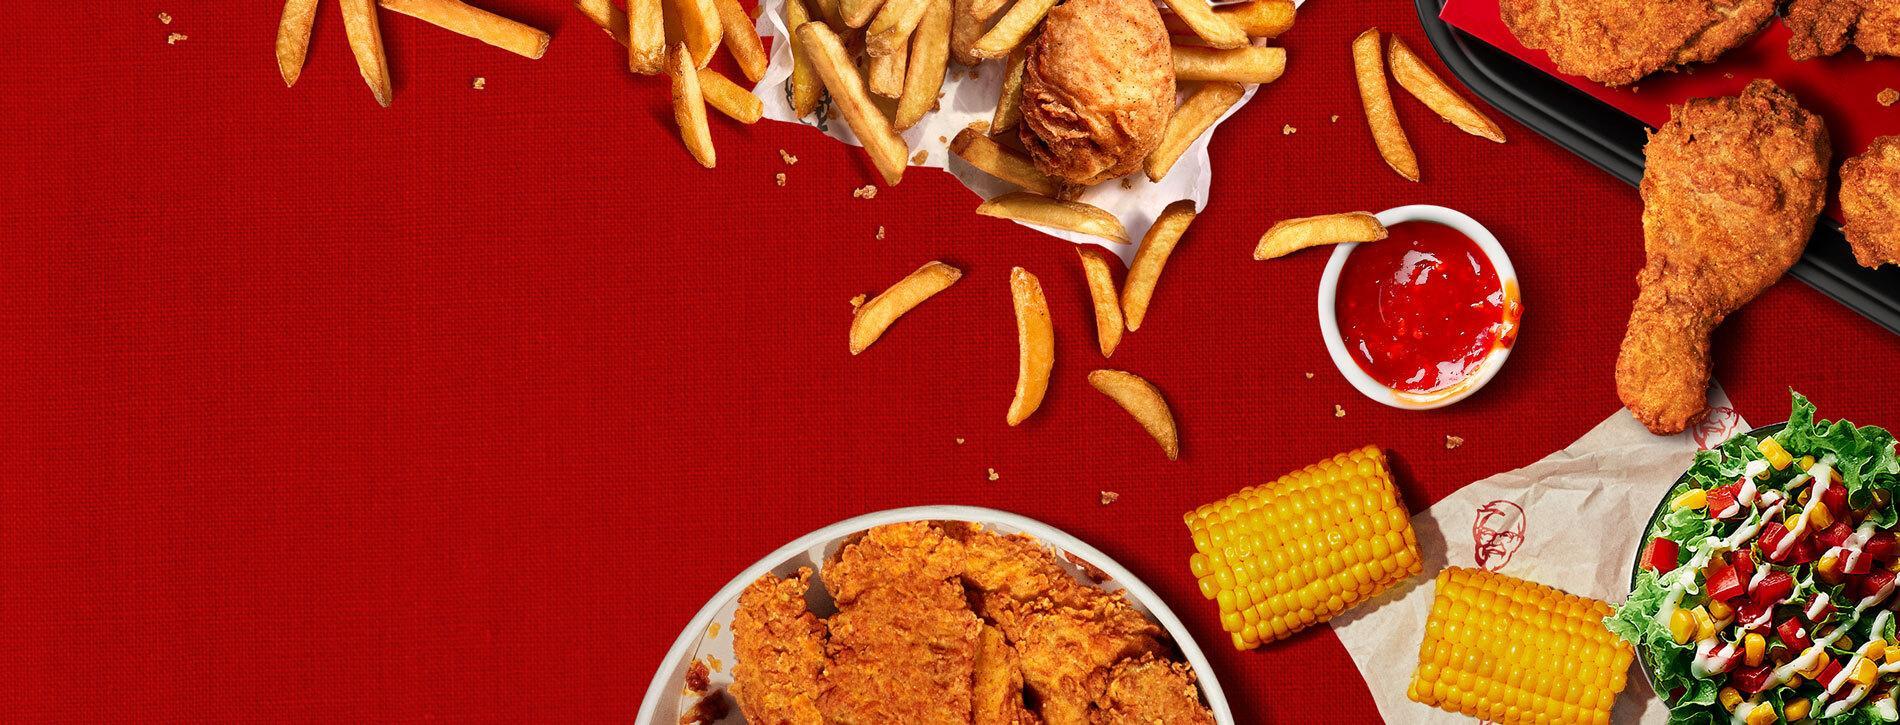 KFC food on red tablecloth